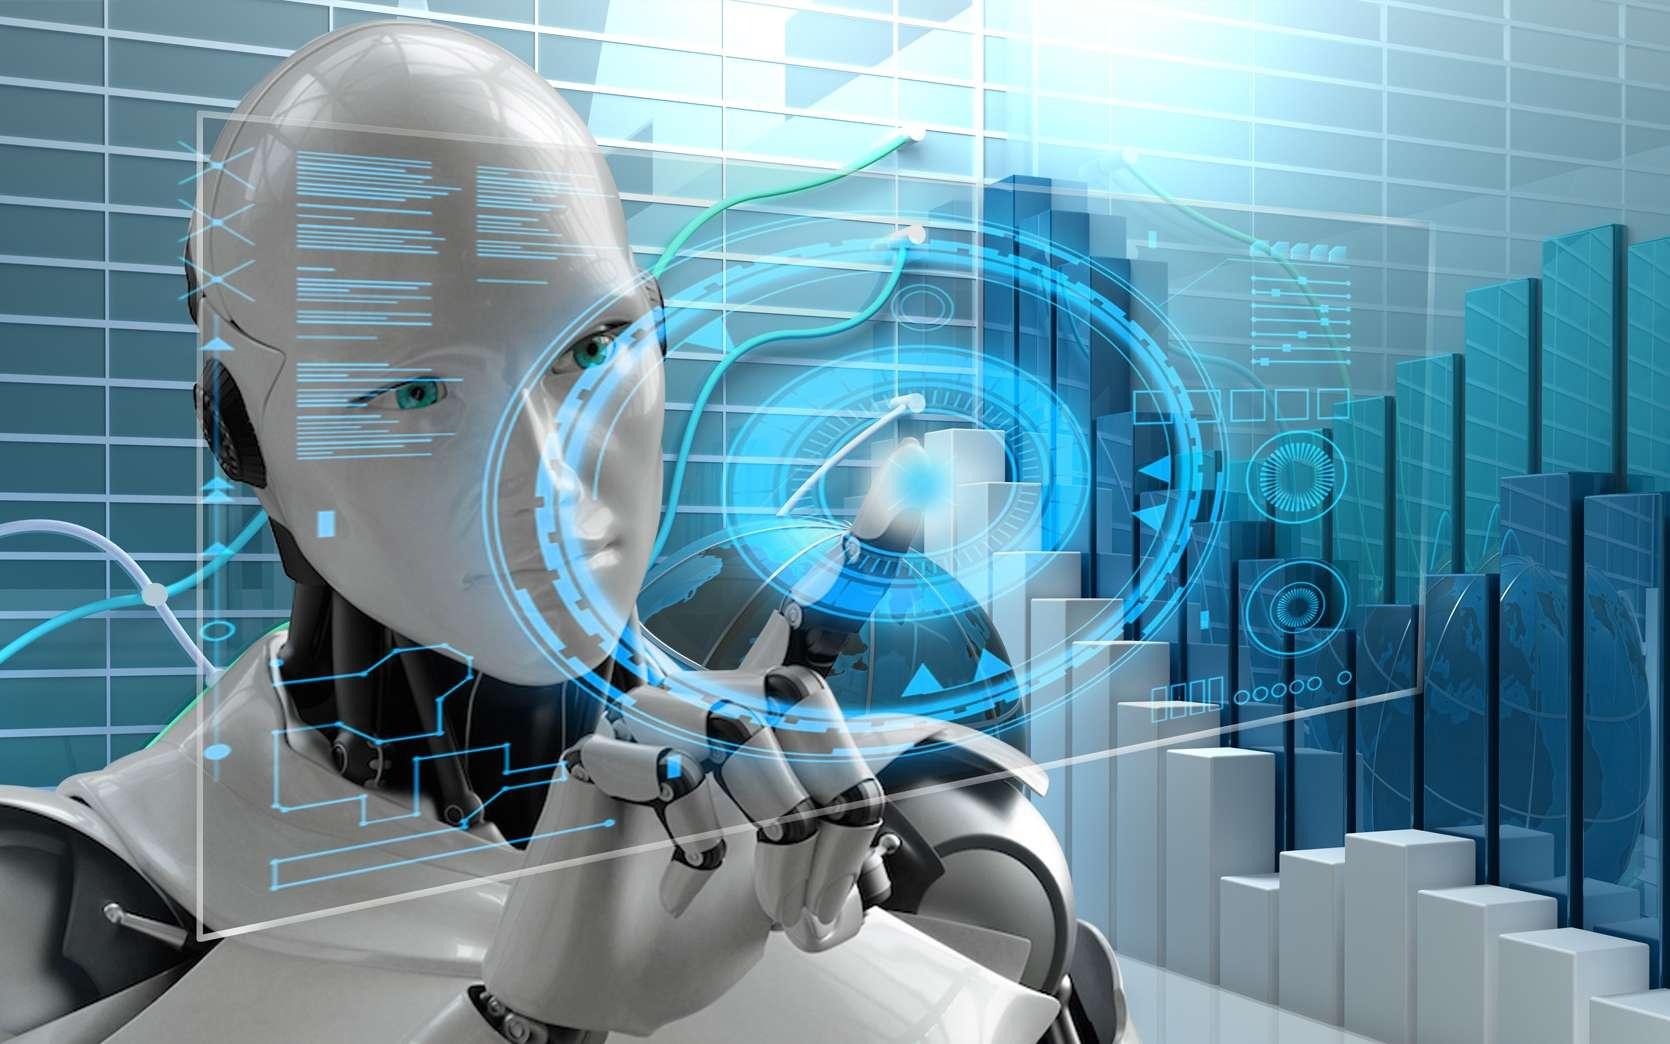 Les trois lois de la robotique inspirent un nouveau cadre pour l'IA. © carloscastilla, Fotolia